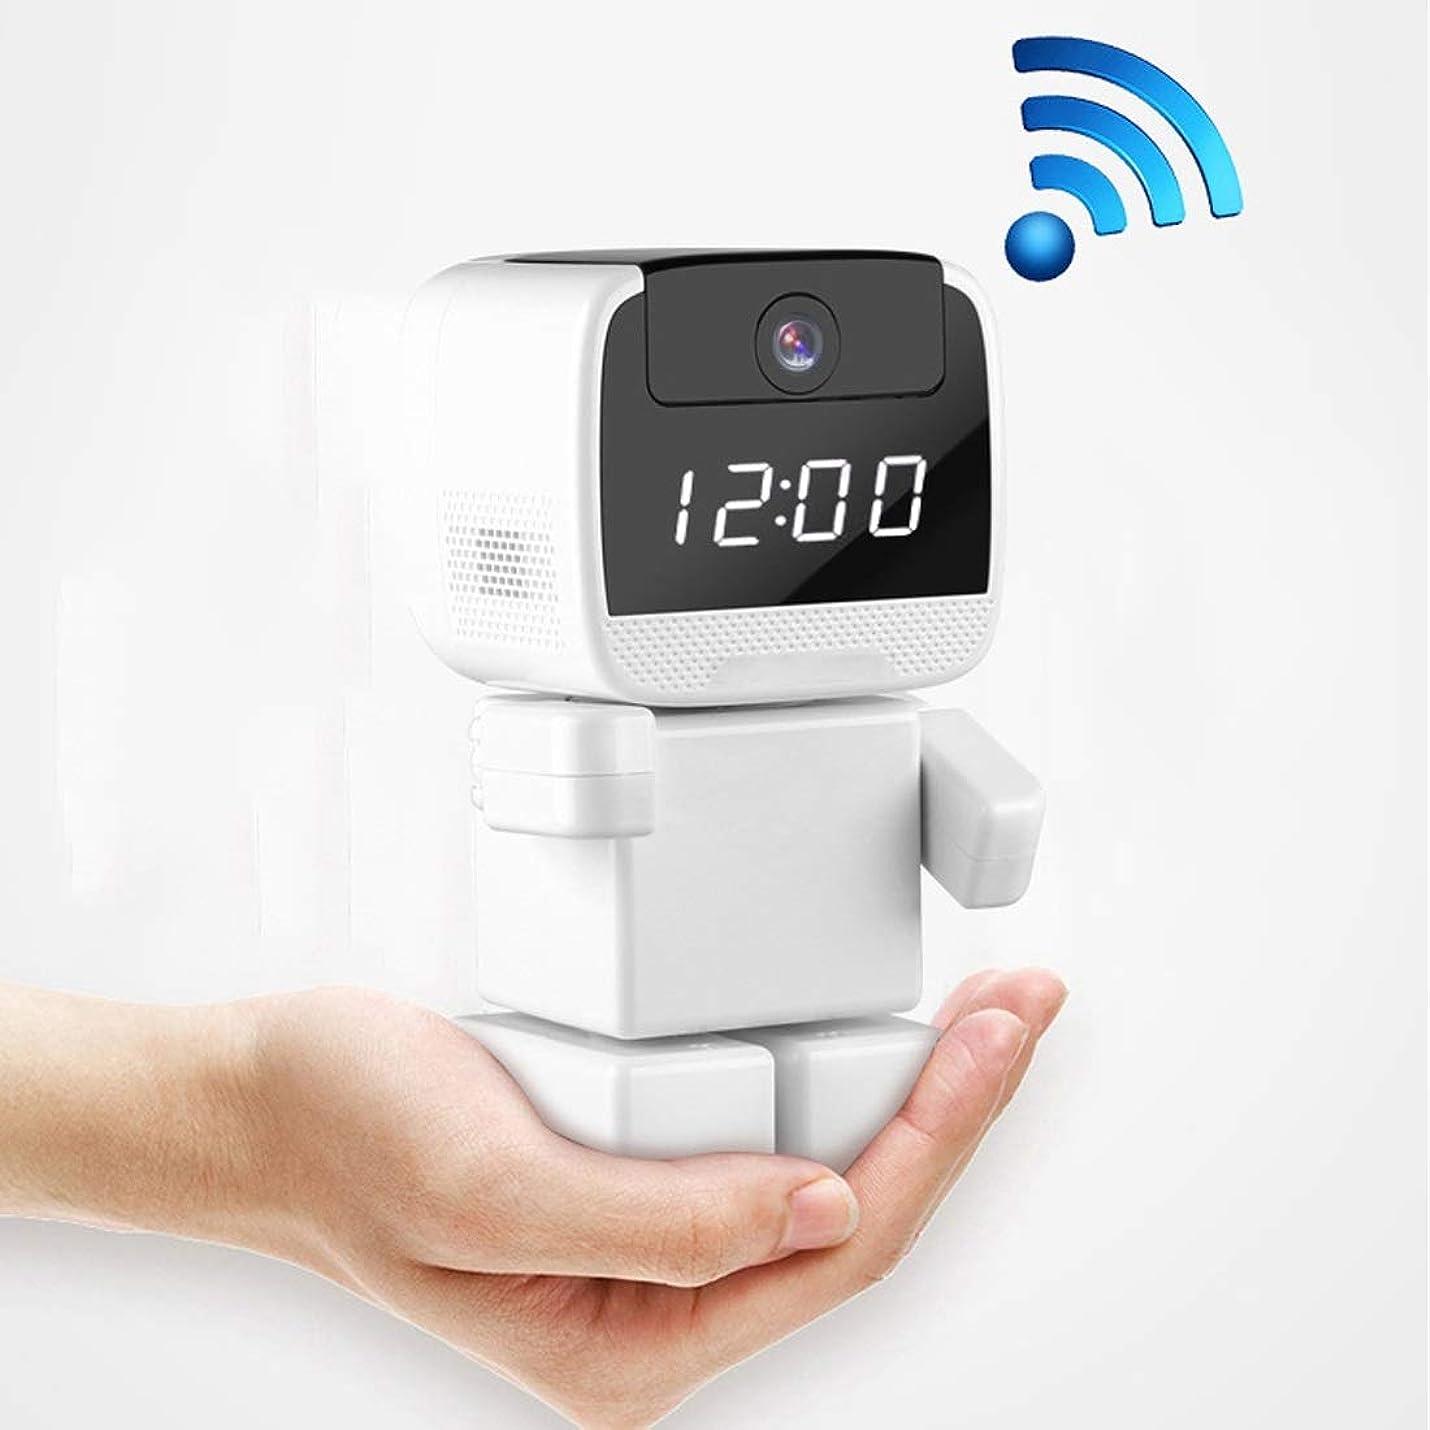 促す効果的恐ろしいですノウ建材貿易 1080 pワイヤレス監視カメラホームHDナイトビジョンwifiネットワーク携帯電話リモートモニター